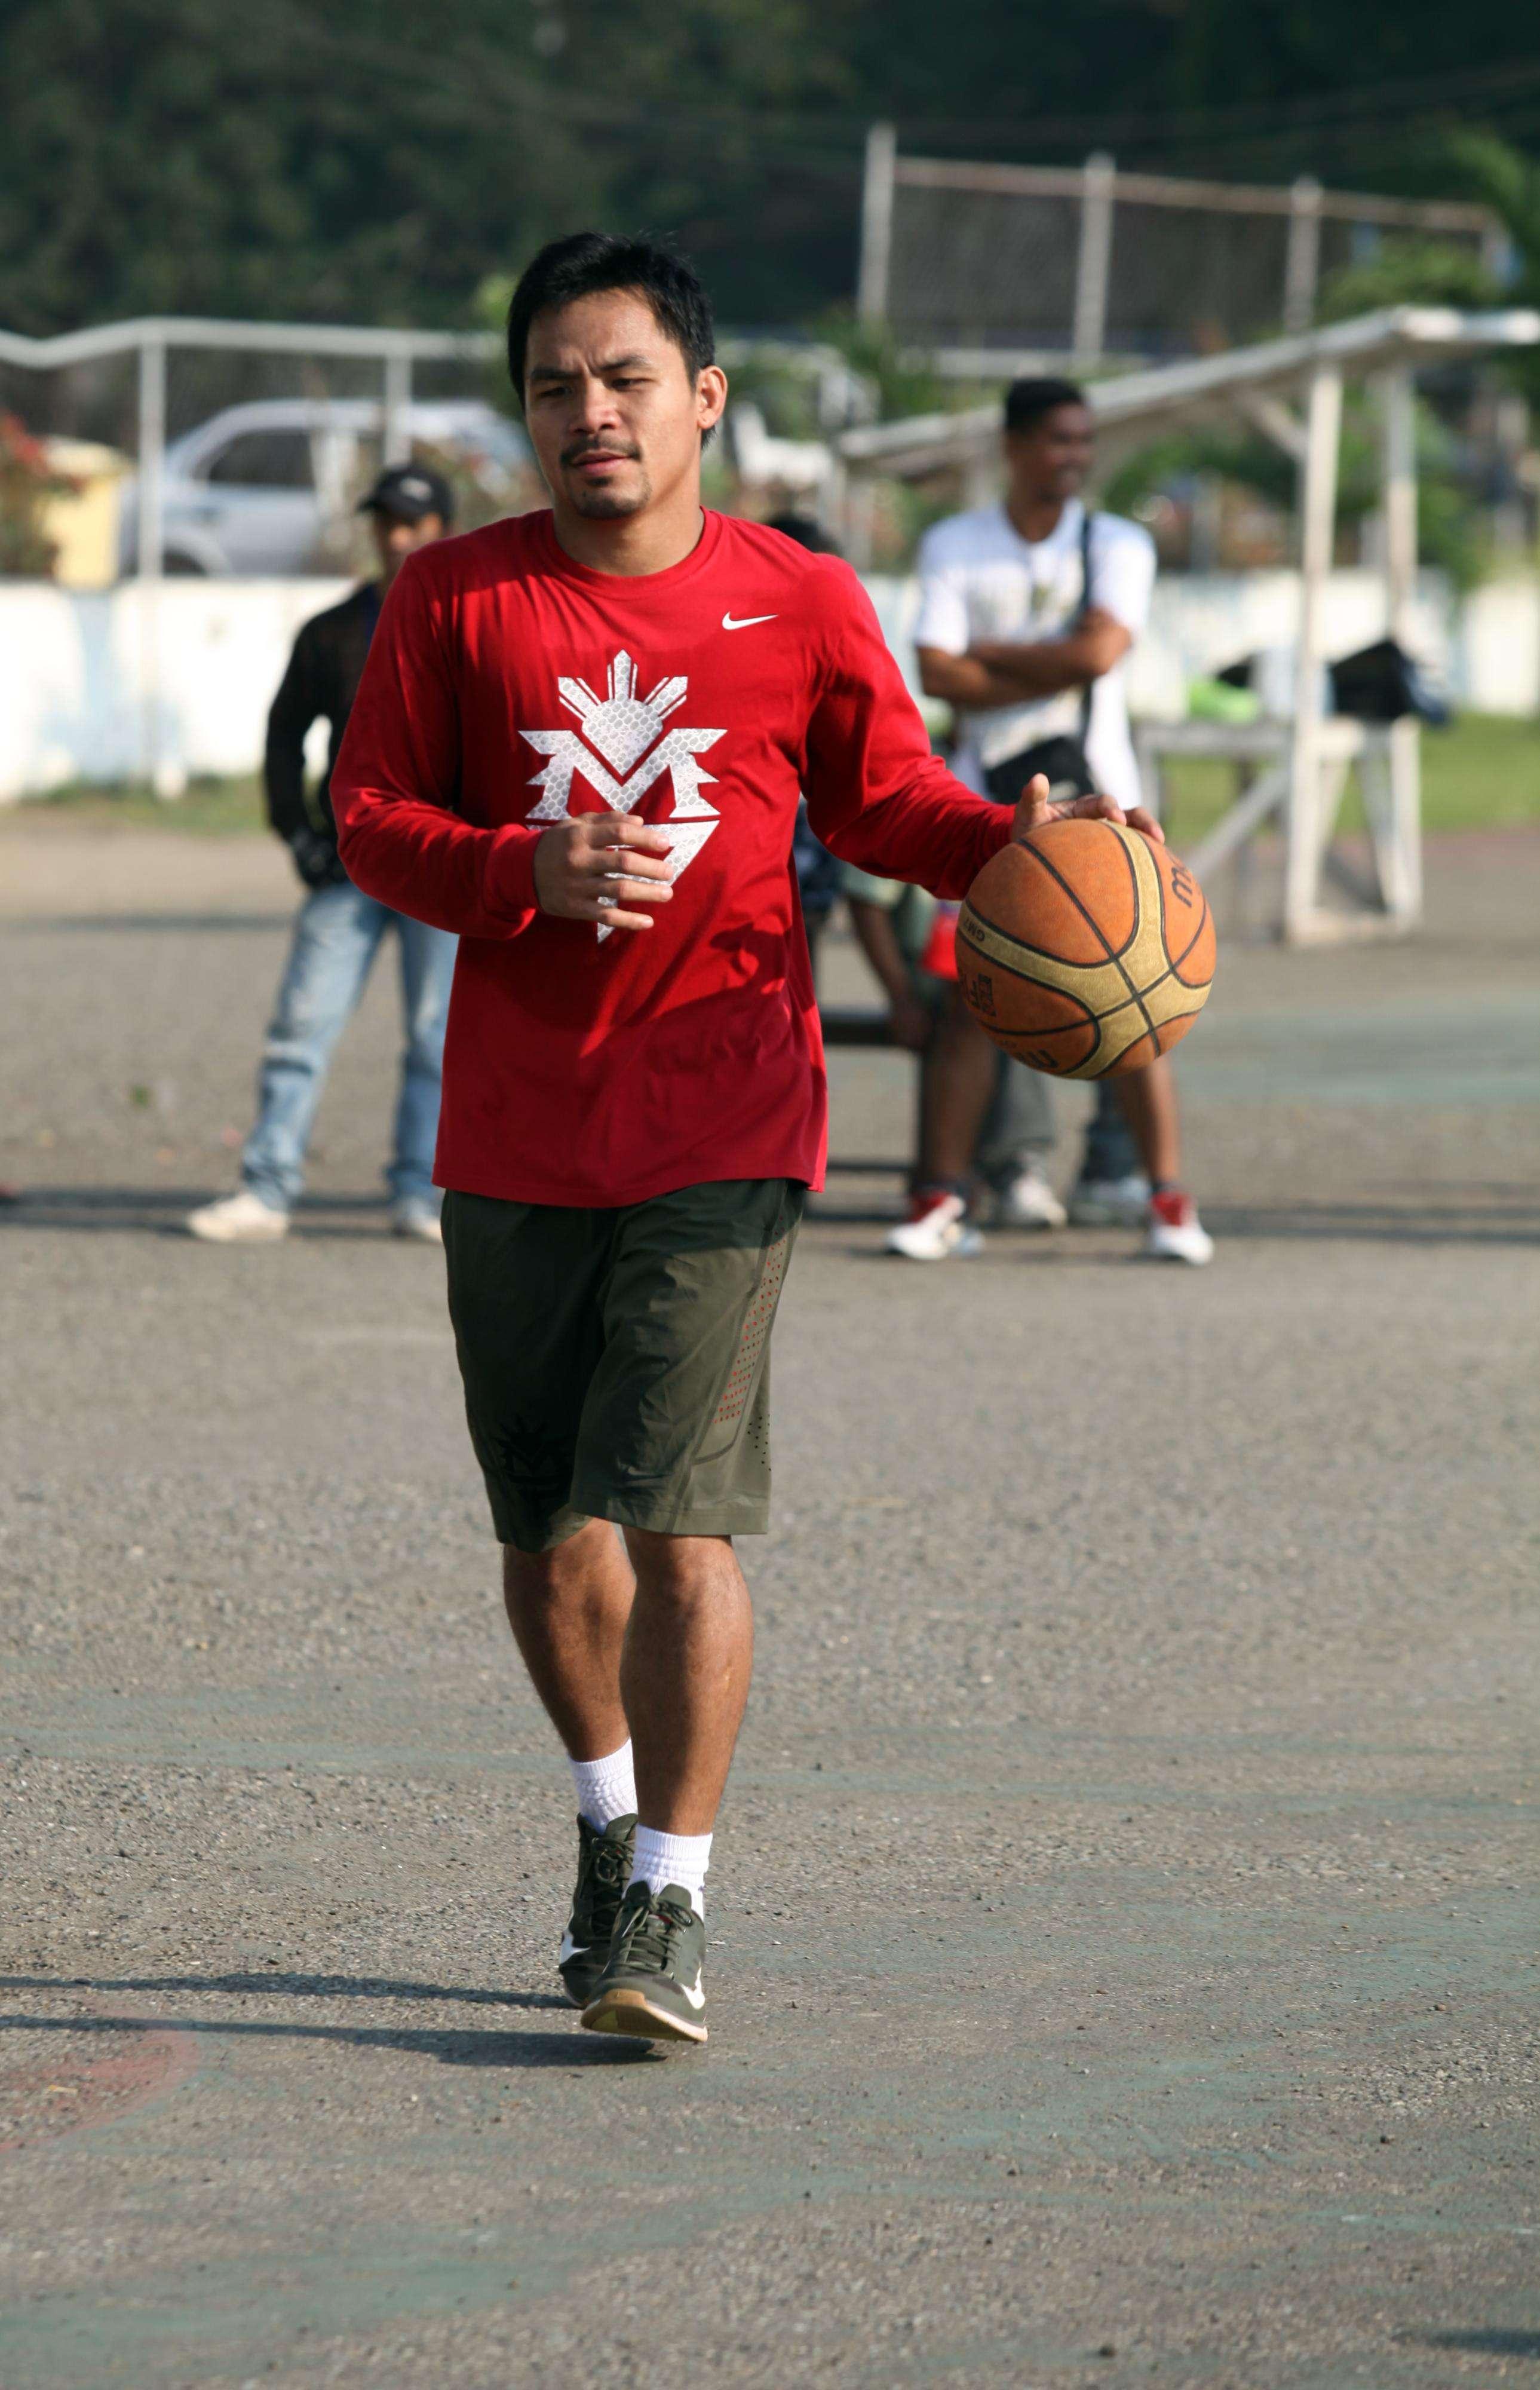 Manny Pacquiao en uno de los entrenamientos previo a su debut en el basquetbol Foto: Gettyimages